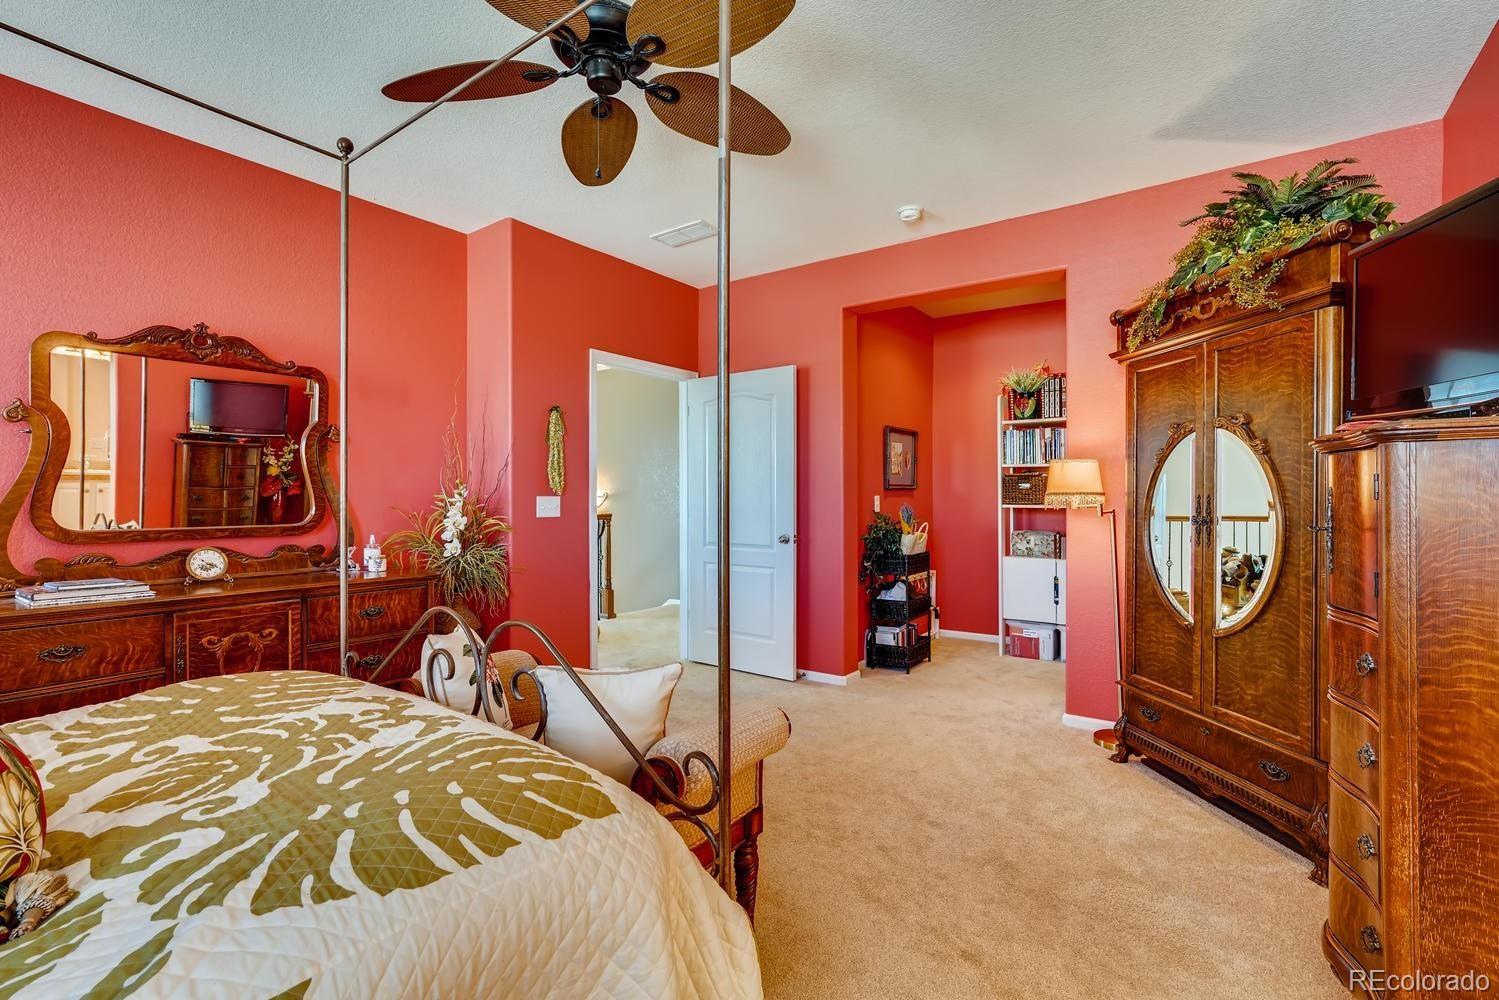 MLS# 5326326 - 18 - 9371 Loggia Street #D, Highlands Ranch, CO 80126